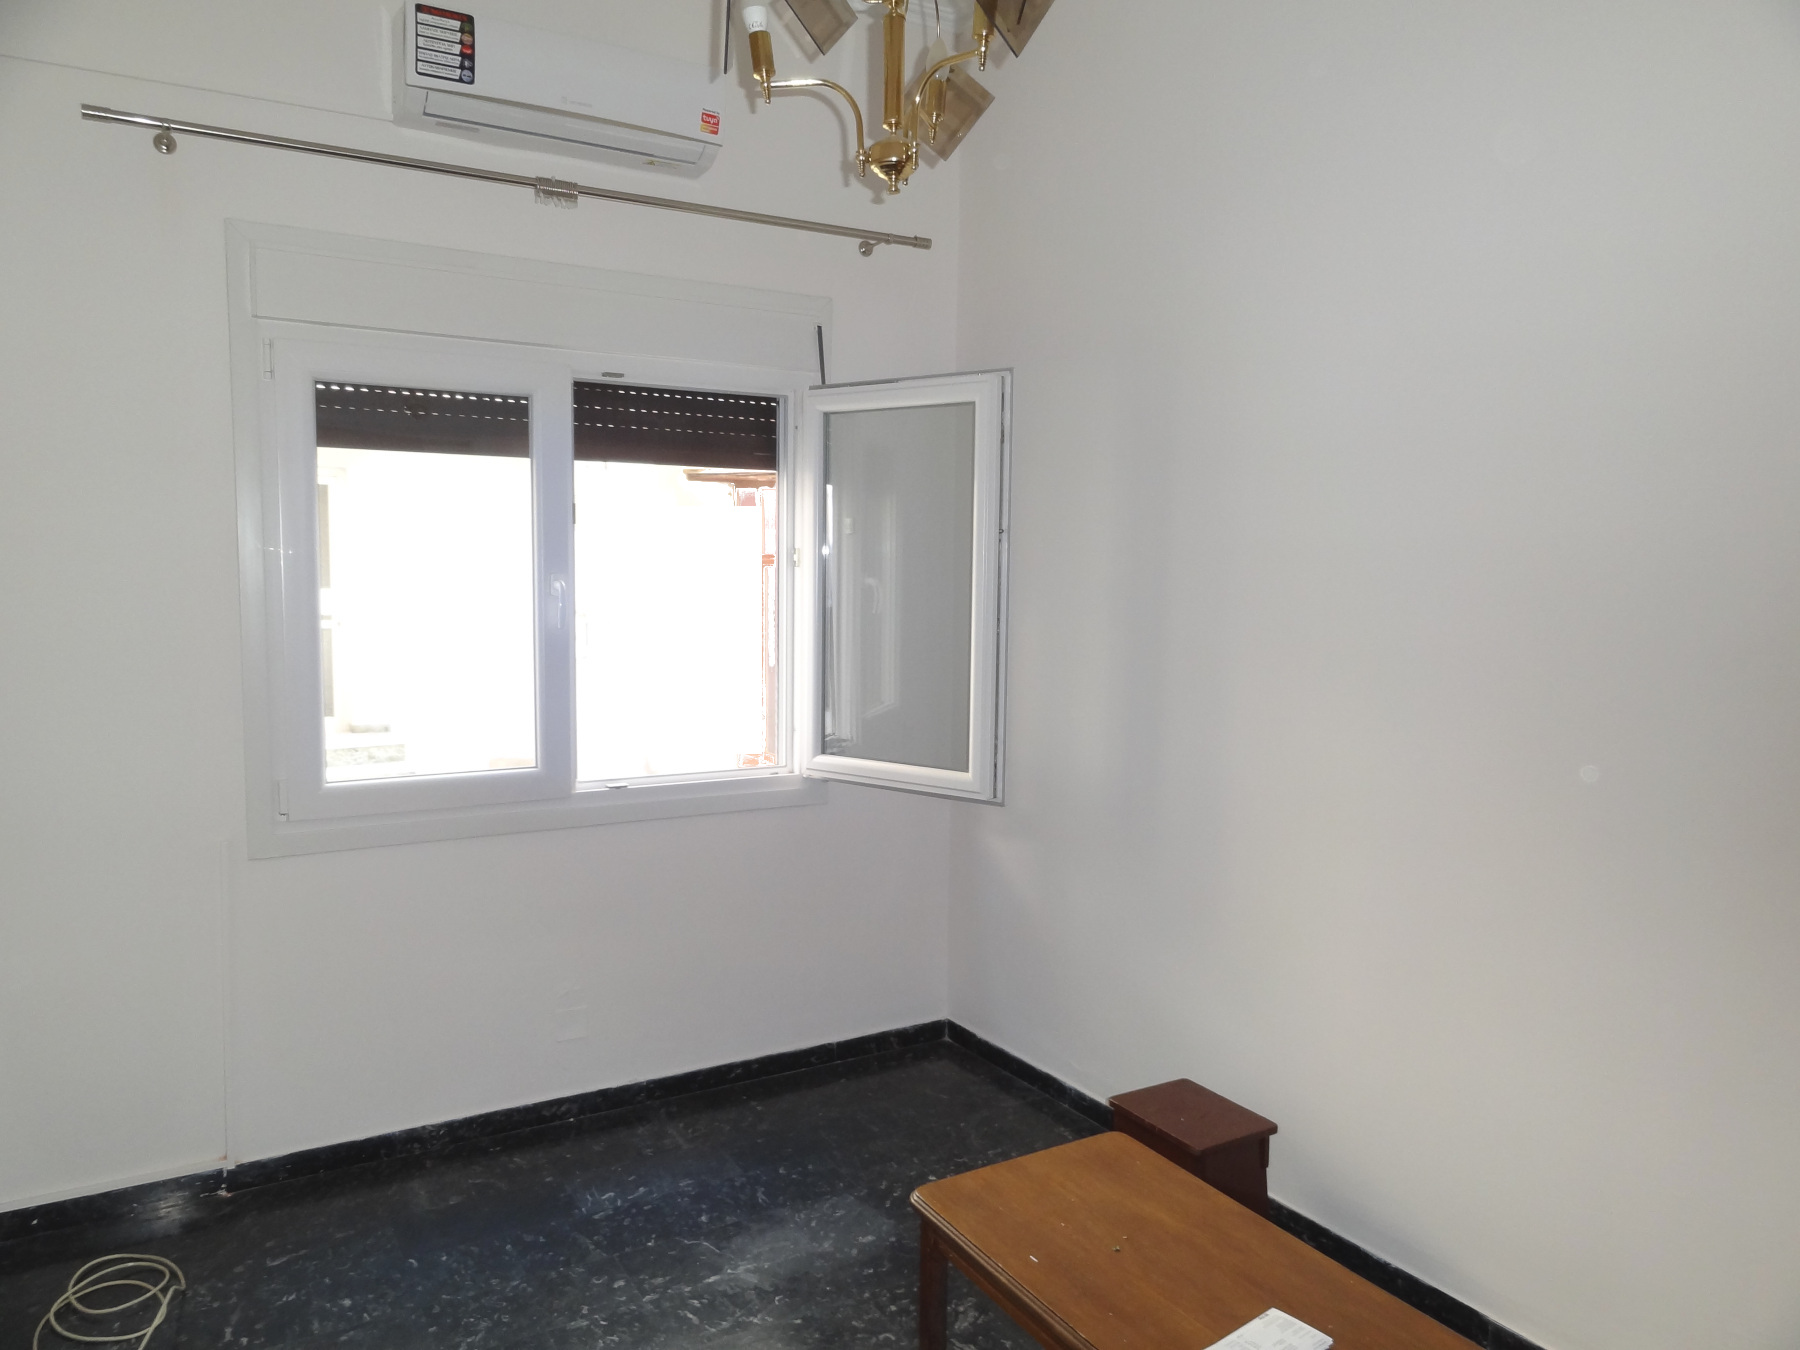 Ενοικιάζεται ισόγειο 3αρι διαμέρισμα 80 τ.μ. στην Καλούτσιανη πλησίον της Λεωφόρου Α. Μακαρίου στα Ιωάννινα